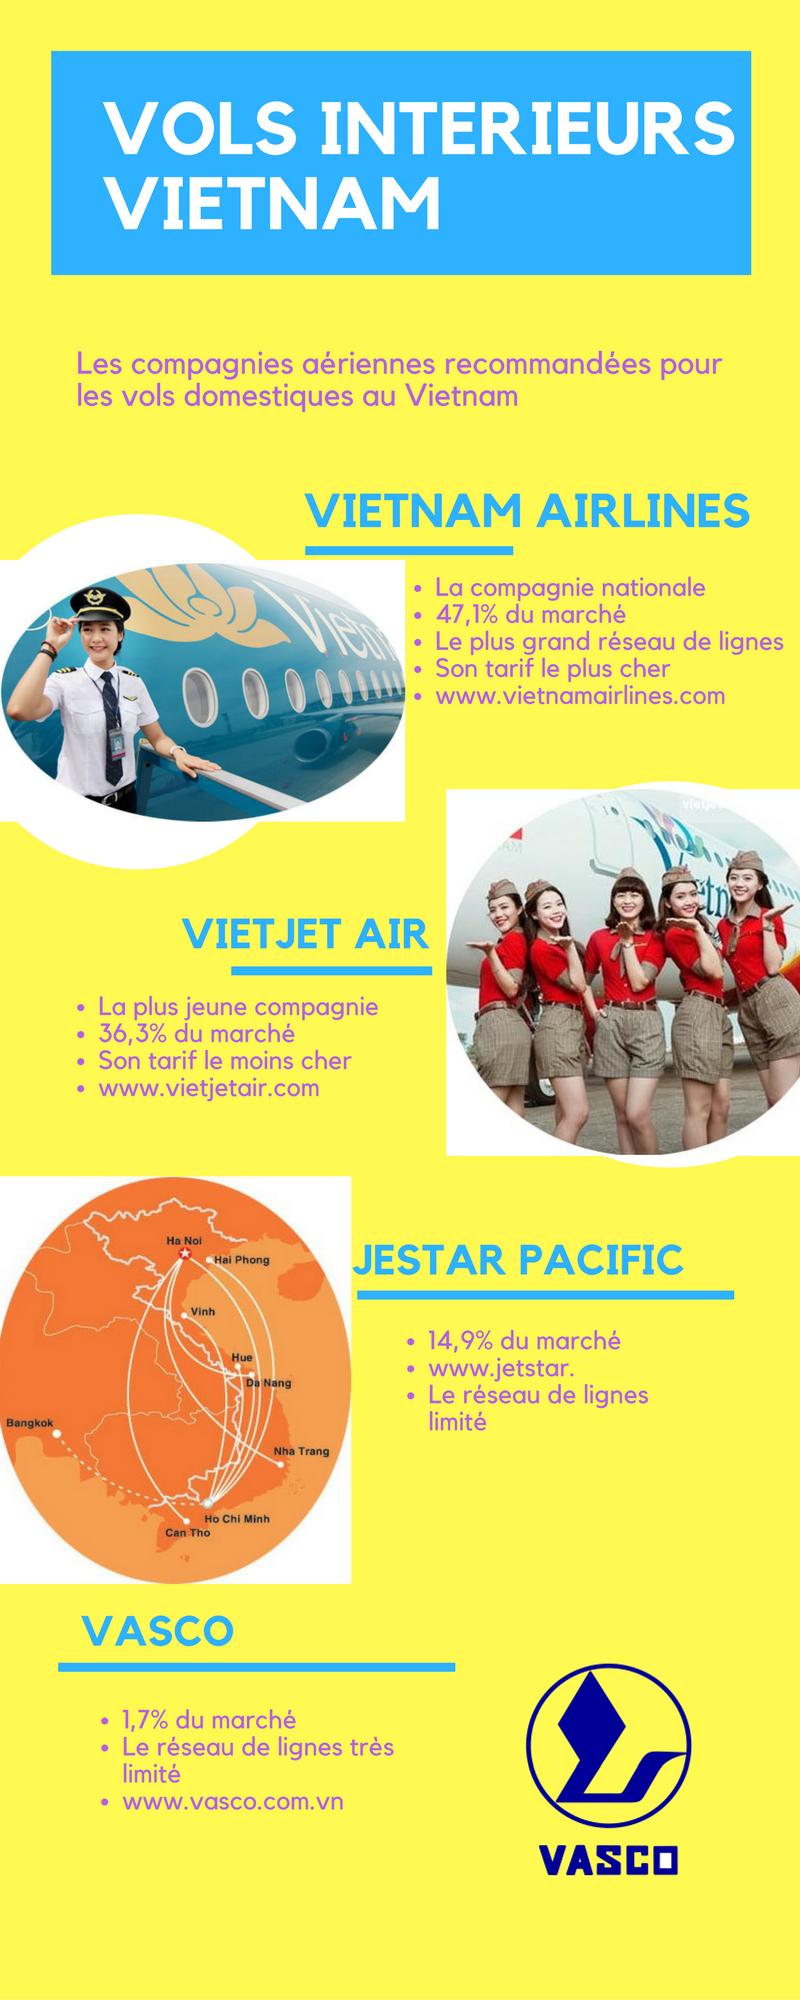 vols-interieurs-vietnam